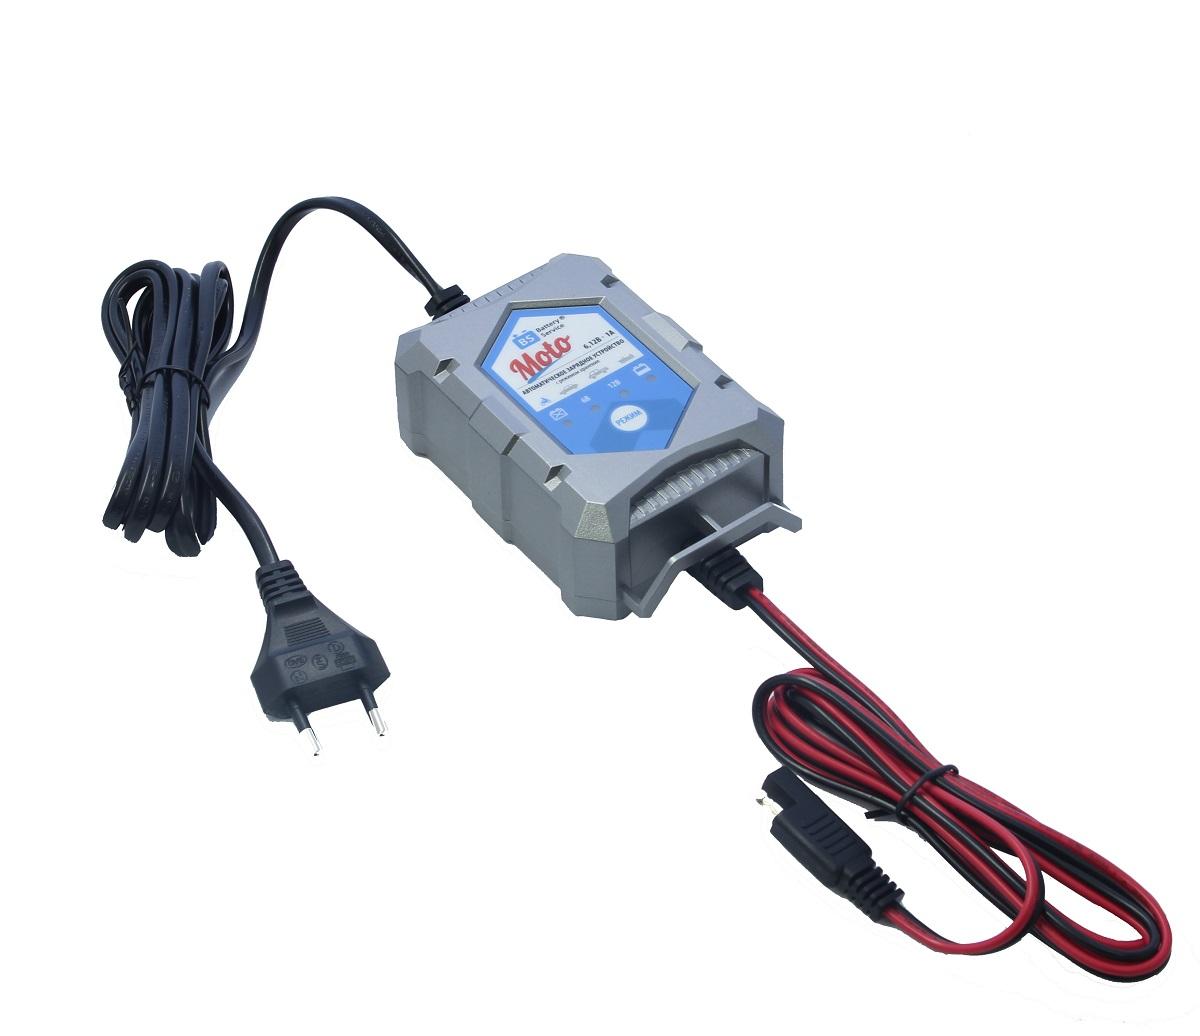 Зарядное устройство Battery Service Moto. PL-C001PPL-C001PМногоступенчатое зарядное устройство Battery Service Moto с режимами восстановления глубокоразряженных аккумуляторных батарей, десульфатации и хранения. Интеллектуальное управление микропроцессором. Заряжает все типы 6В и 12В свинцово-кислотных аккумуляторных батарей, в т.ч. AGM, GEL. Защита от короткого замыкания, переполюсовки, перегрева. Гарантия 2 года. Пыле и влагозащищенный корпус IP65. Moto рекомендуется для АКБ от 1,2Ач до 24 Ач. Ток зарядки 1,0А. Восстановление АКБ разряженной до 4,5В. Температурный режим -20...+40С. В комплект устройства входят аксессуары - кольцевой разъем постоянного подключения и зажимы типа крокодил. Совместимо с аксессуарами сторонних производителей с разъемом SAE.